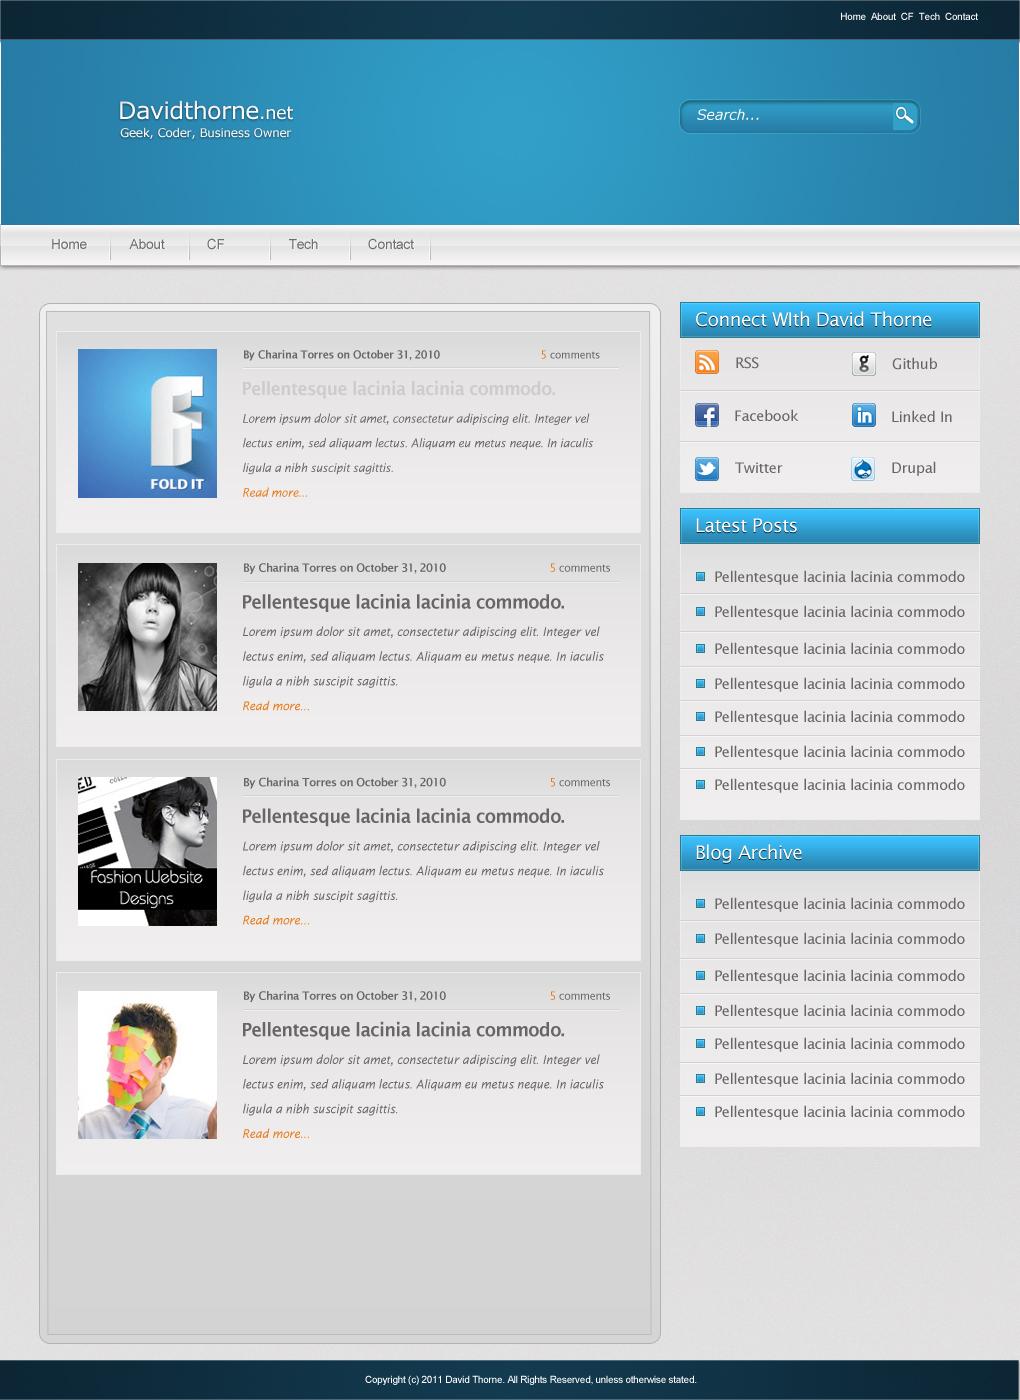 Desktop design for review and davidthorne.net